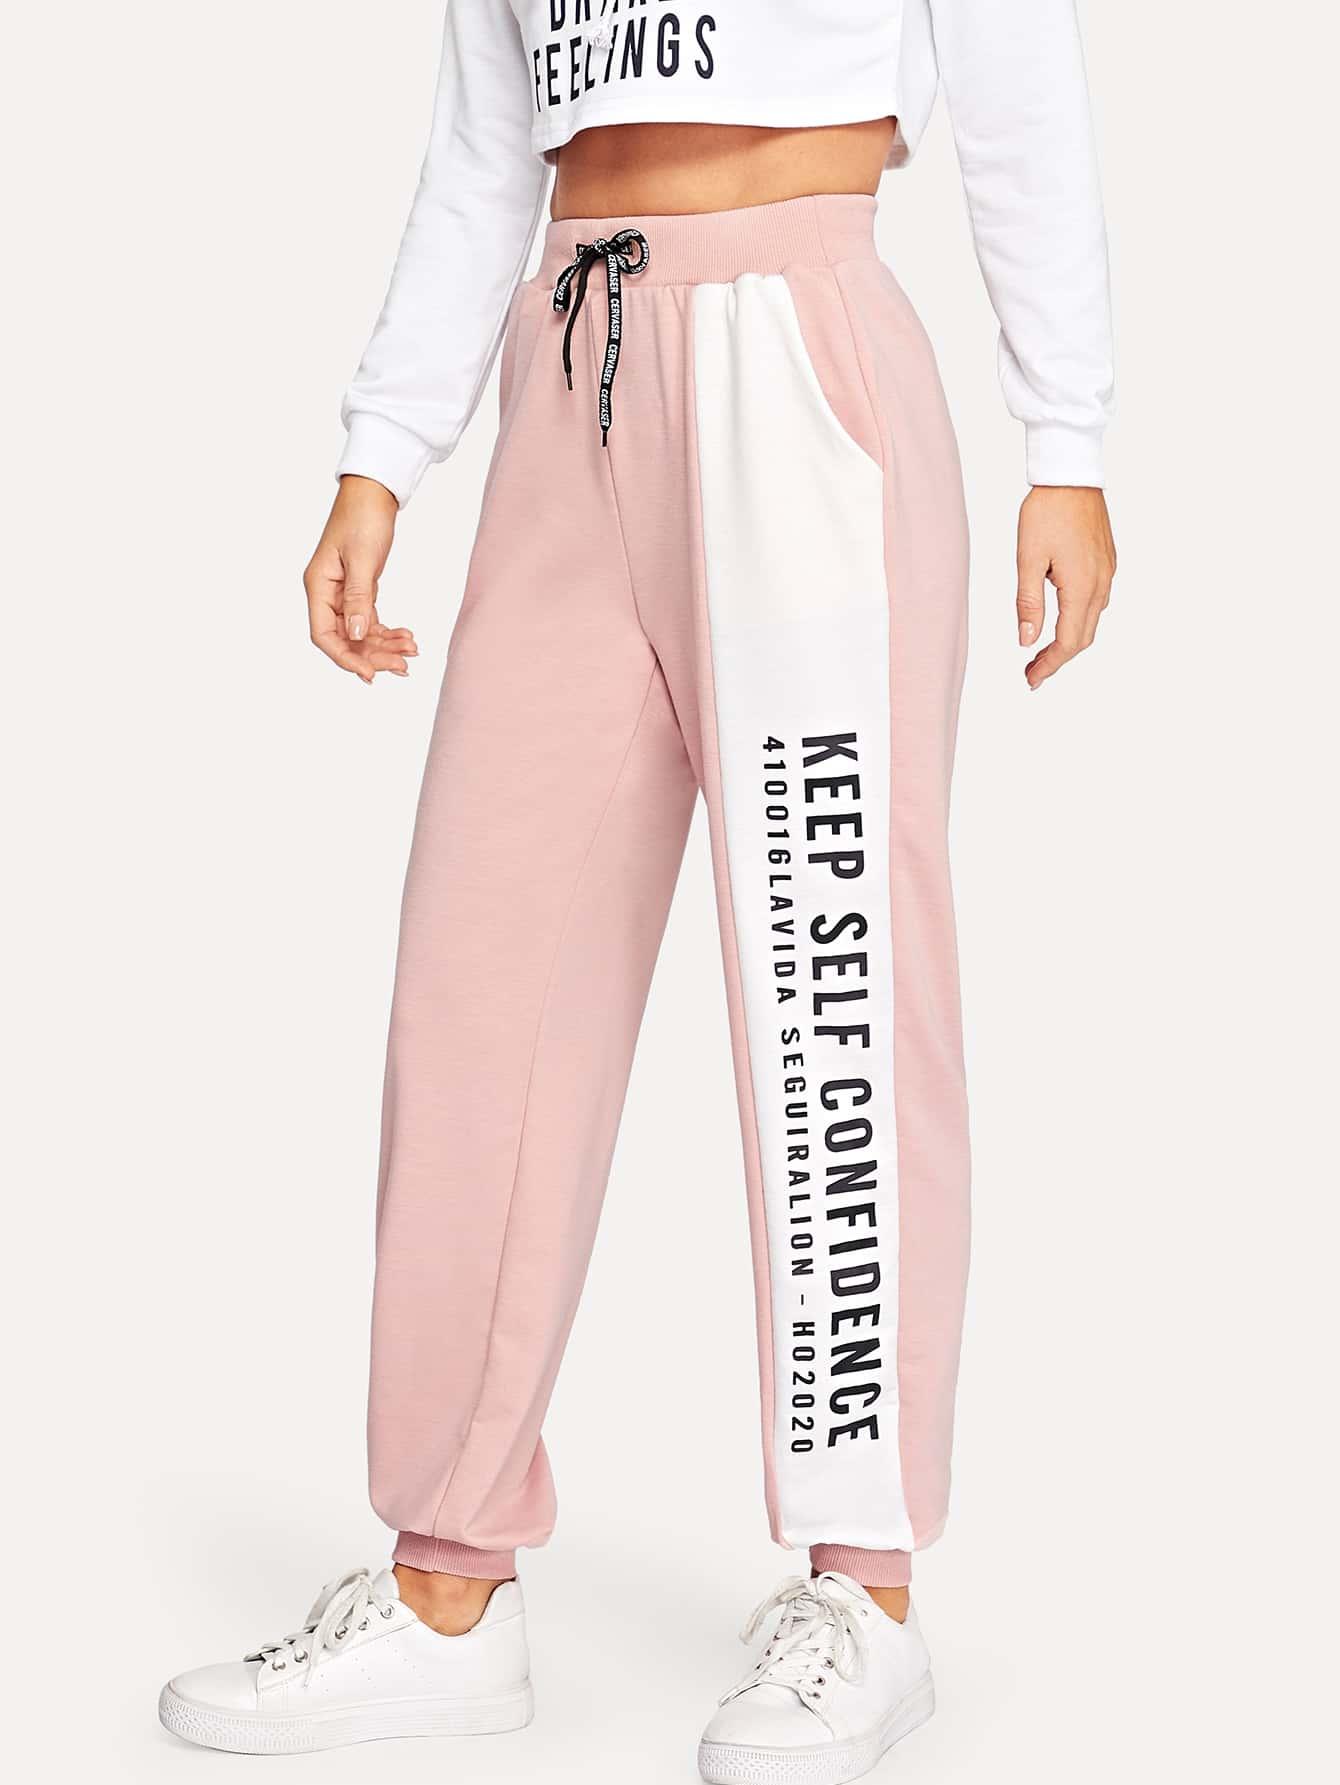 Купить Контрастные спортивные брюки с текстовым принтом, Sasha O, SheIn